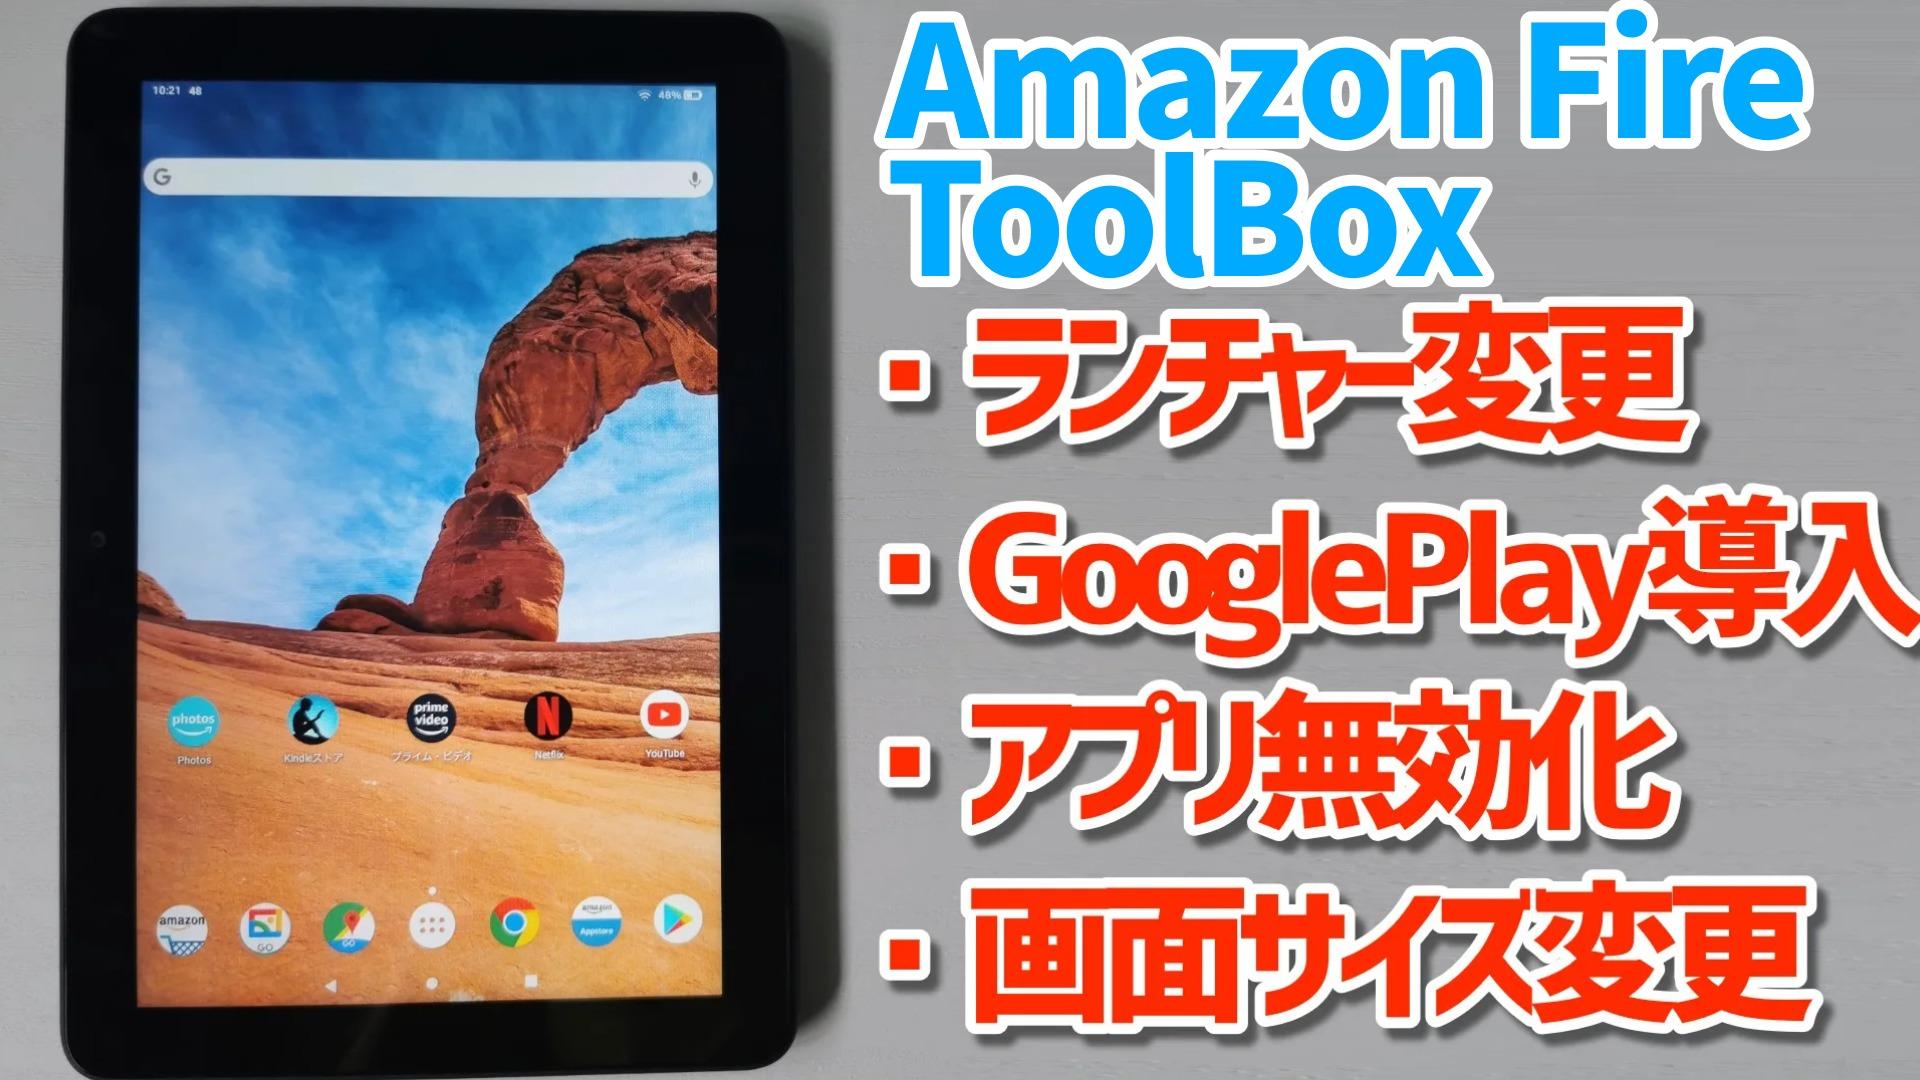 Fire Hd8 Plus を Amazon Fire Toolbox V9 0 で大幅カスタマイズして使いやすくする